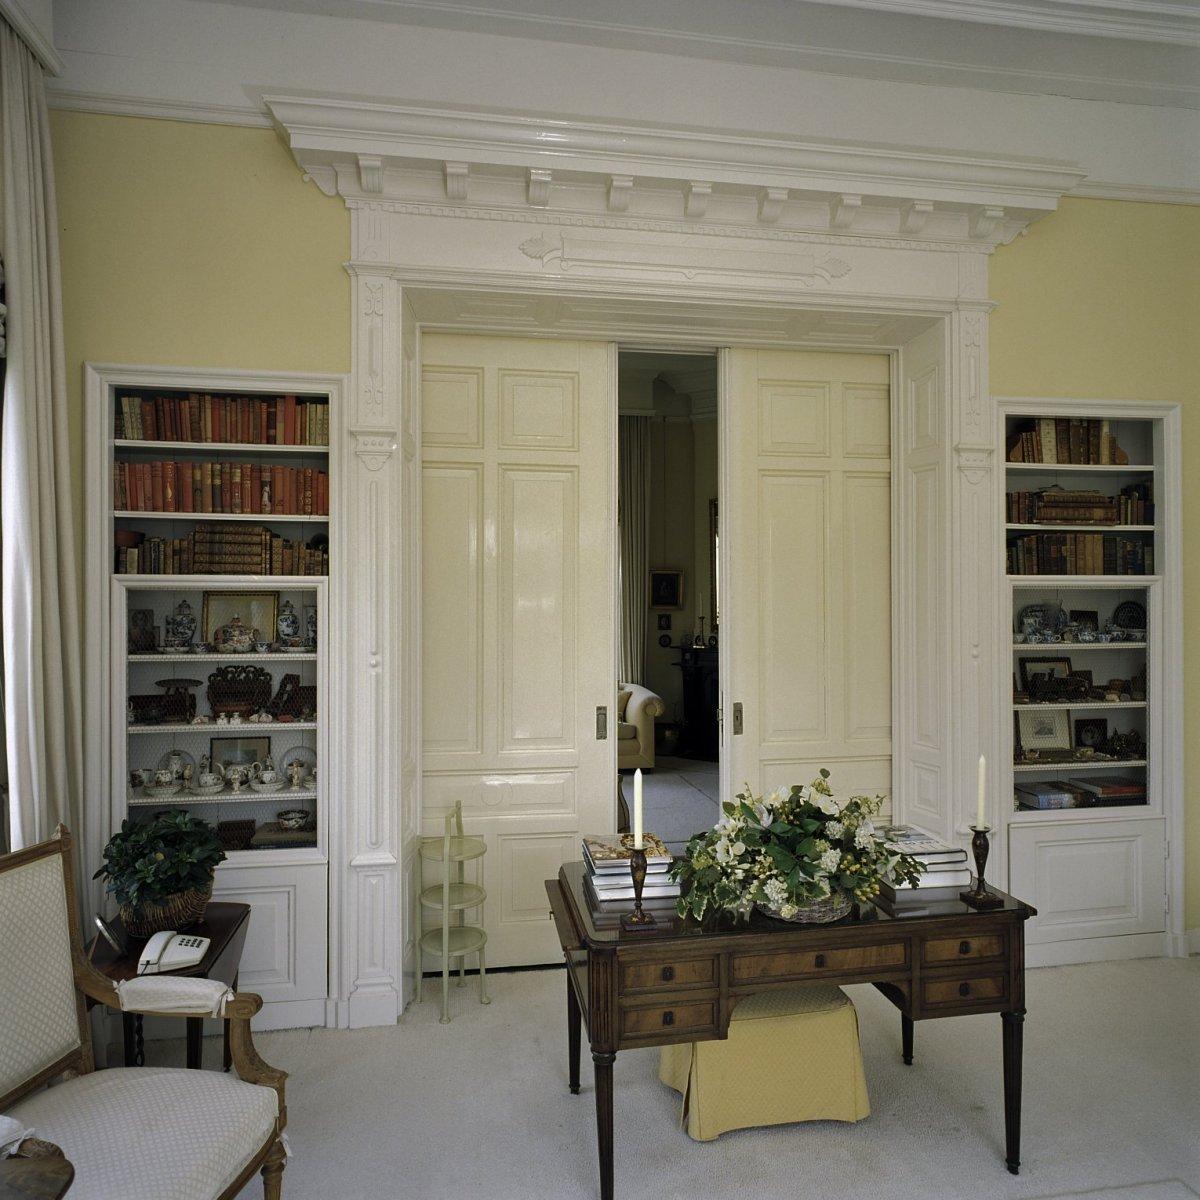 File interieur woonkamer met paneeldeuren borculo for Interieur woonkamer